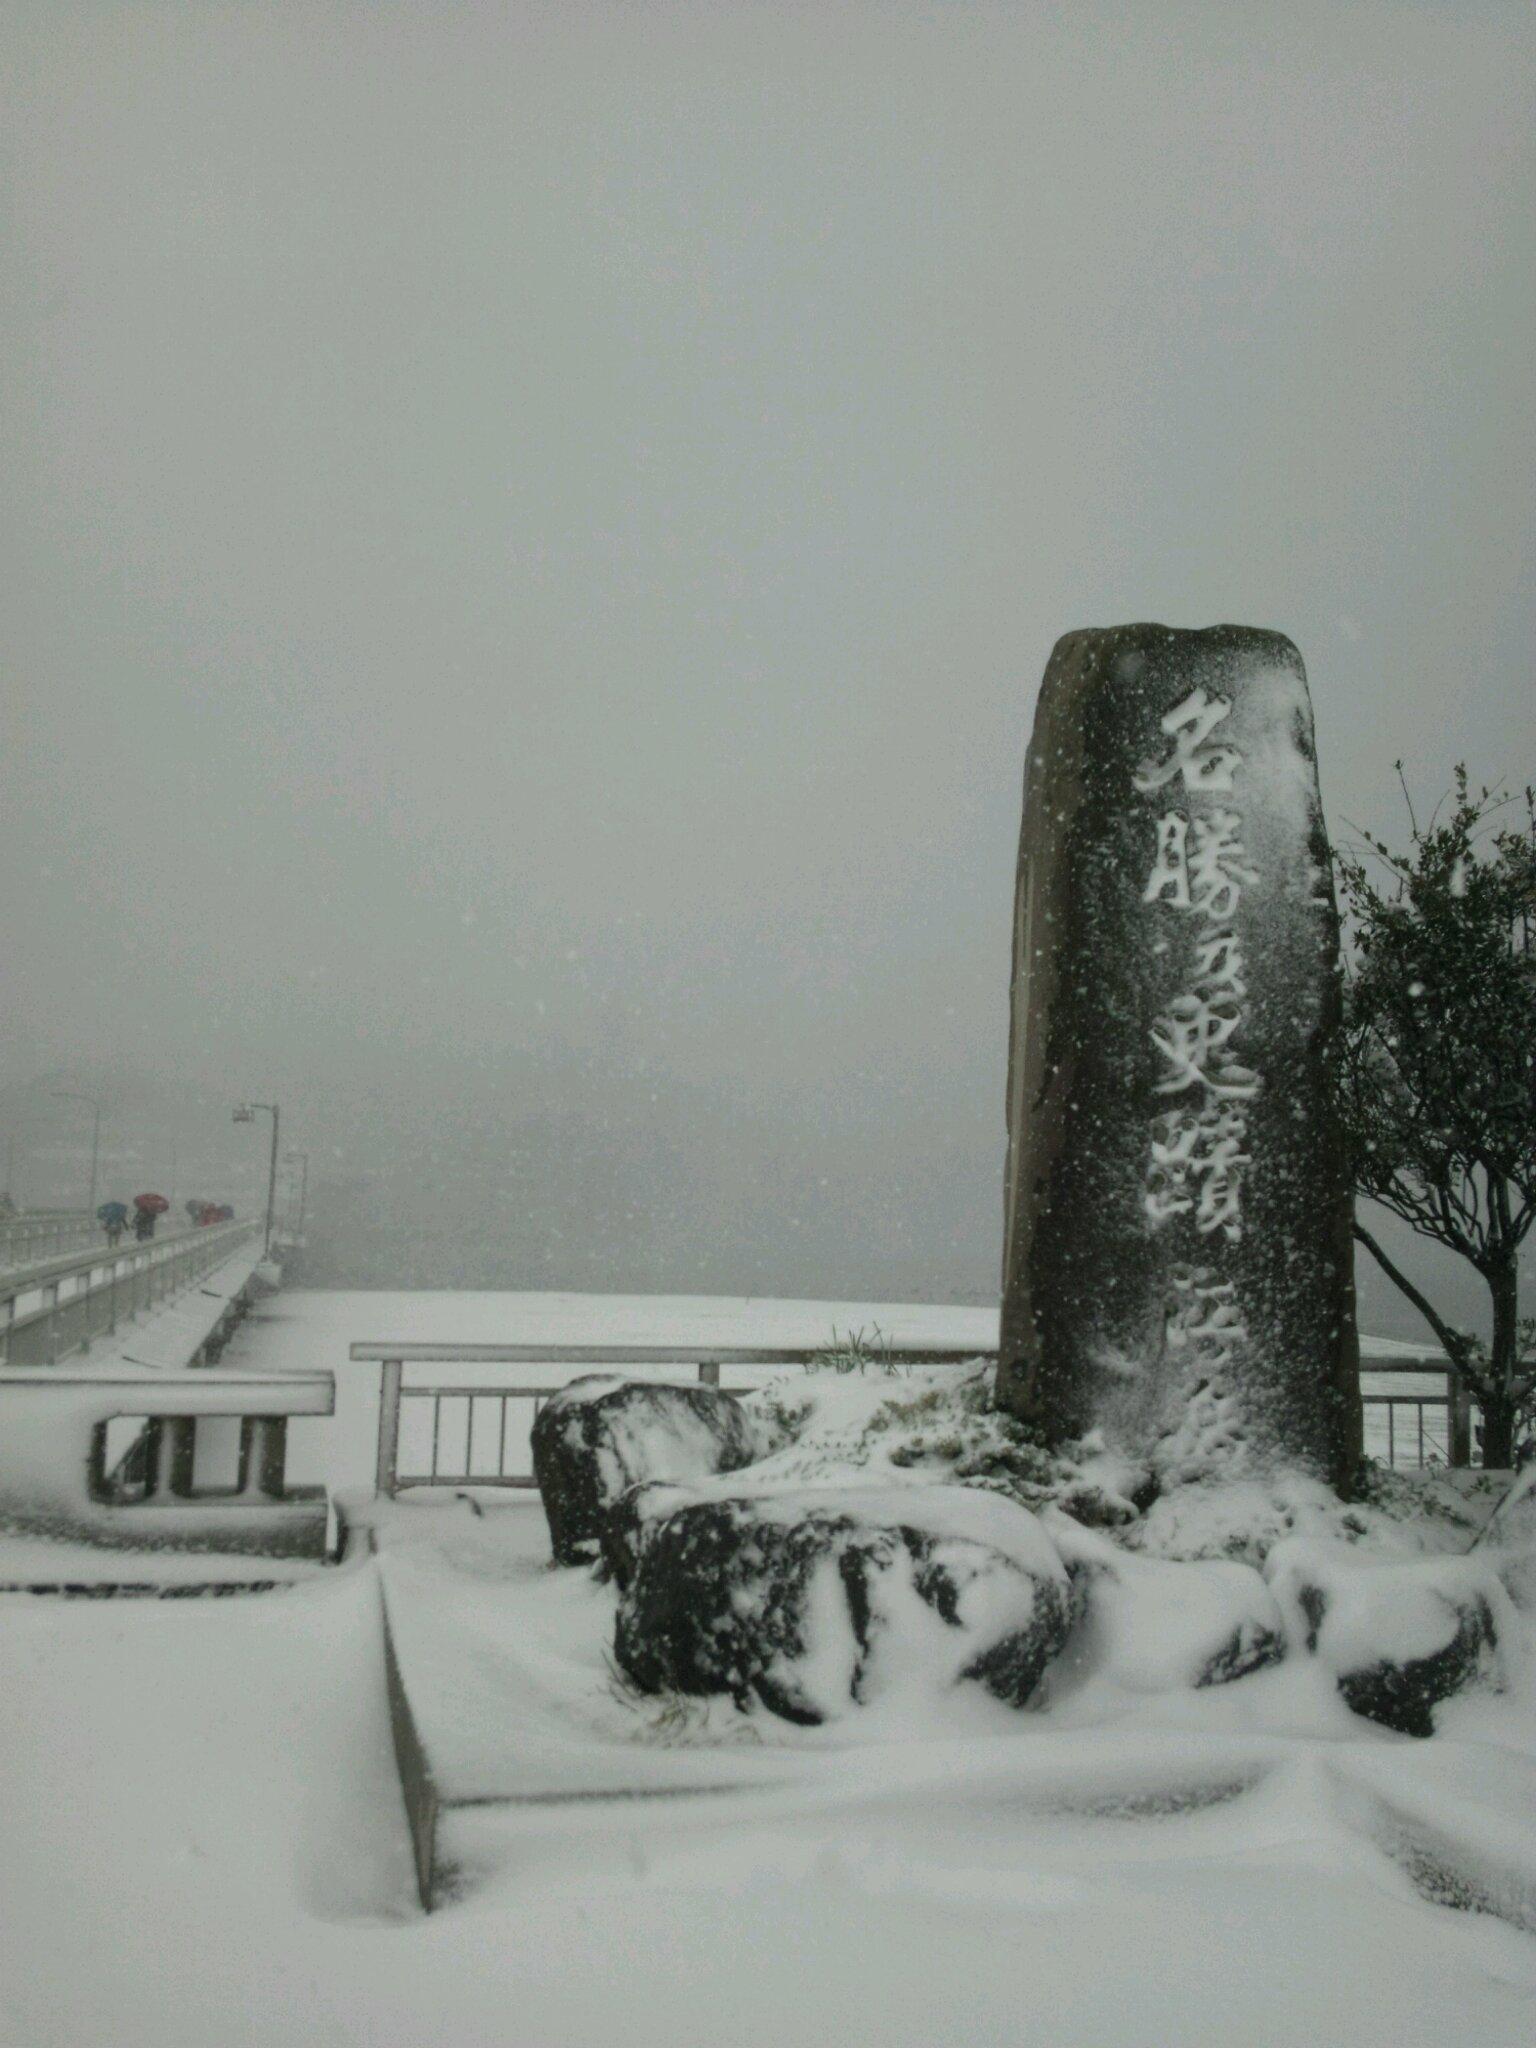 湘南にも大雪です。